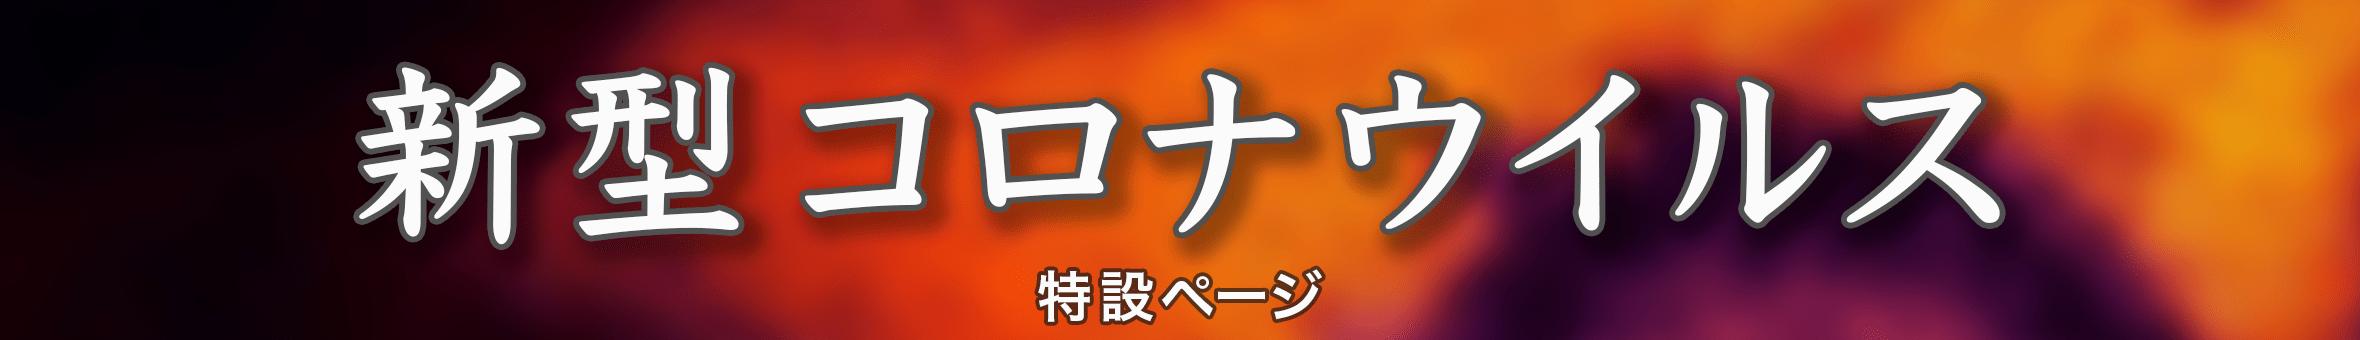 速報 広島 コロナ